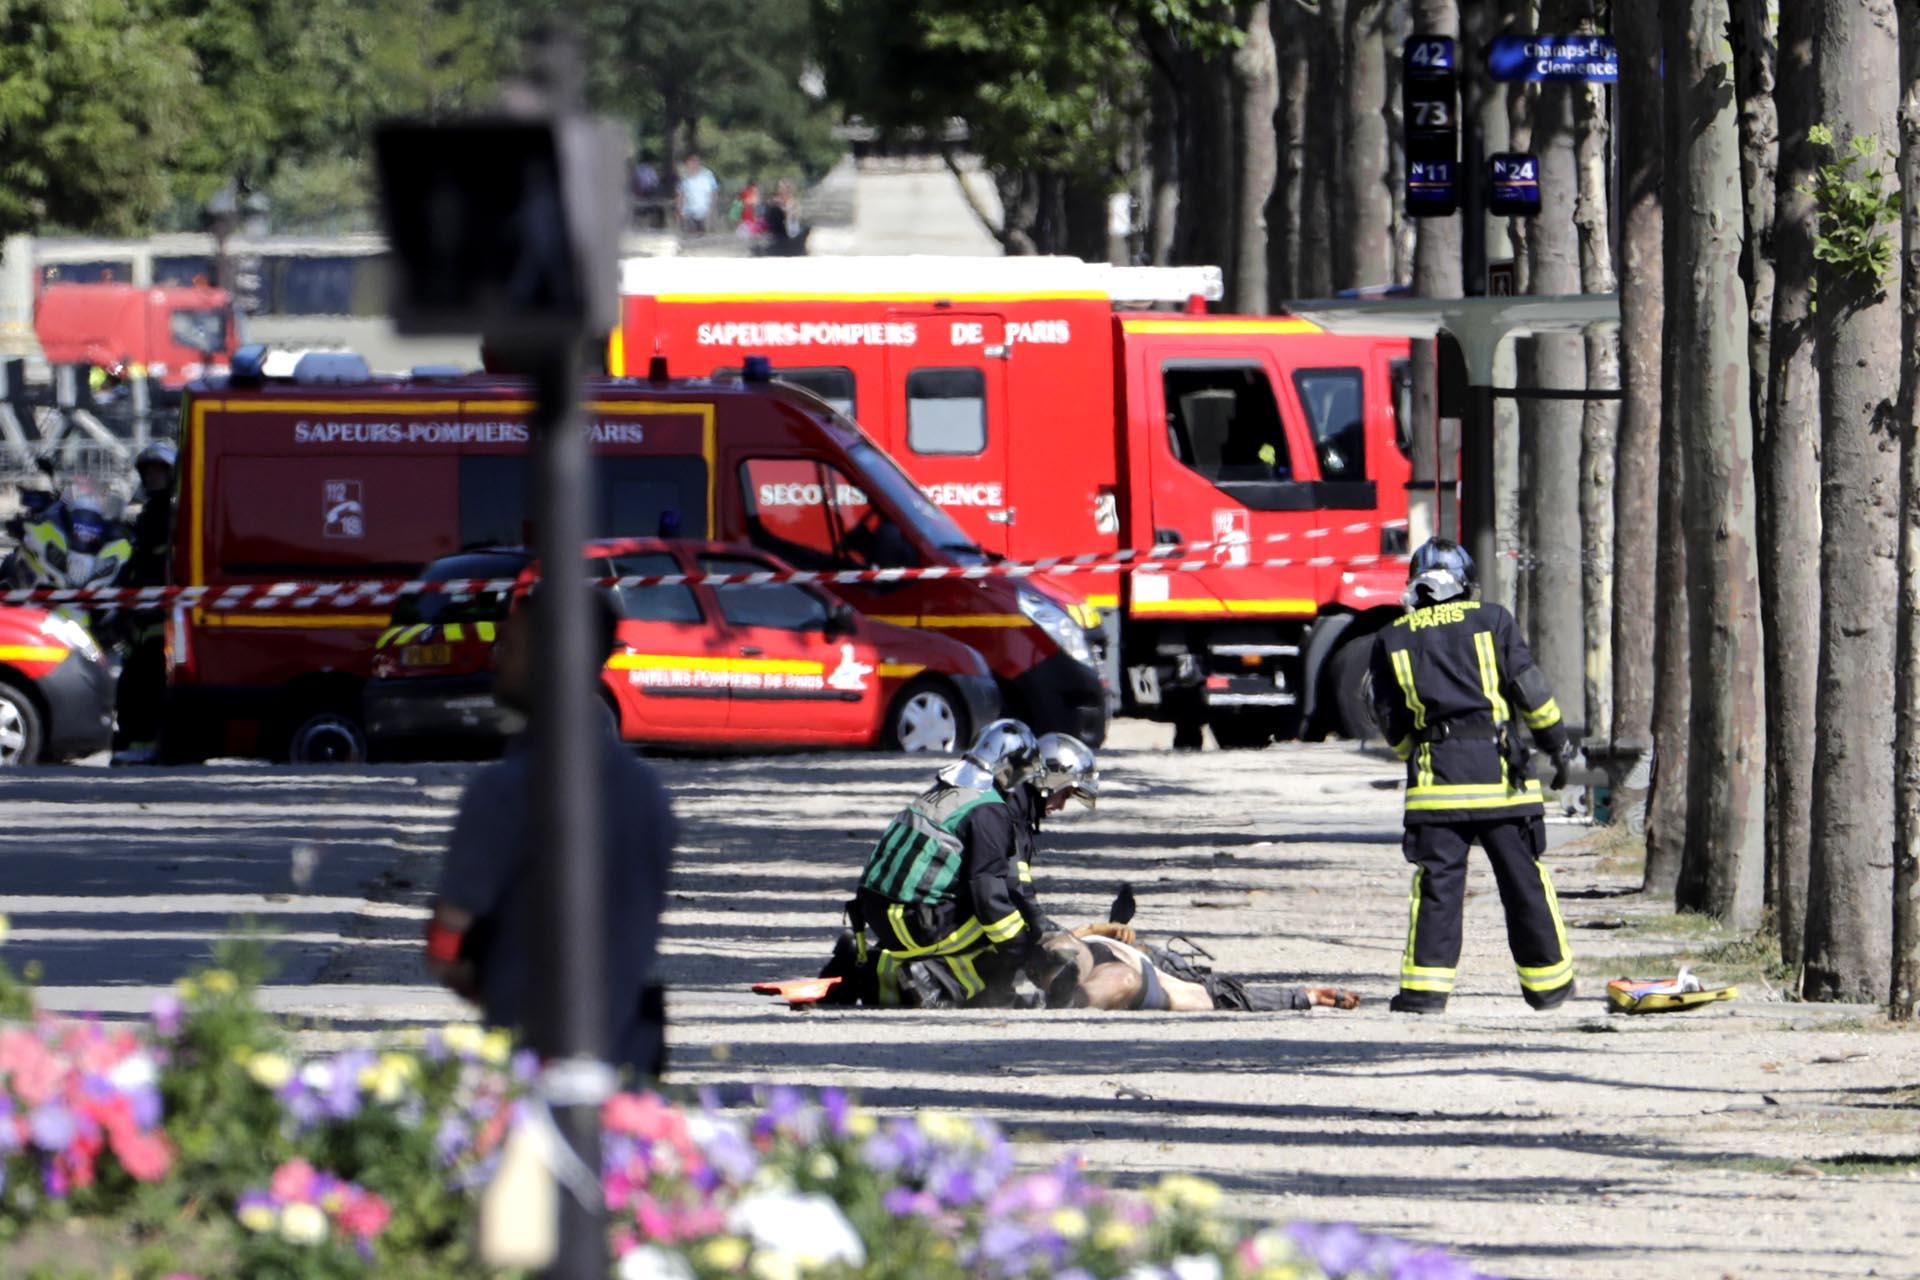 Los rescatistas intentan reanimar al terrorista que intentó atentar contra una camioneta de la Policía en Champs-Elysees en París, Francia